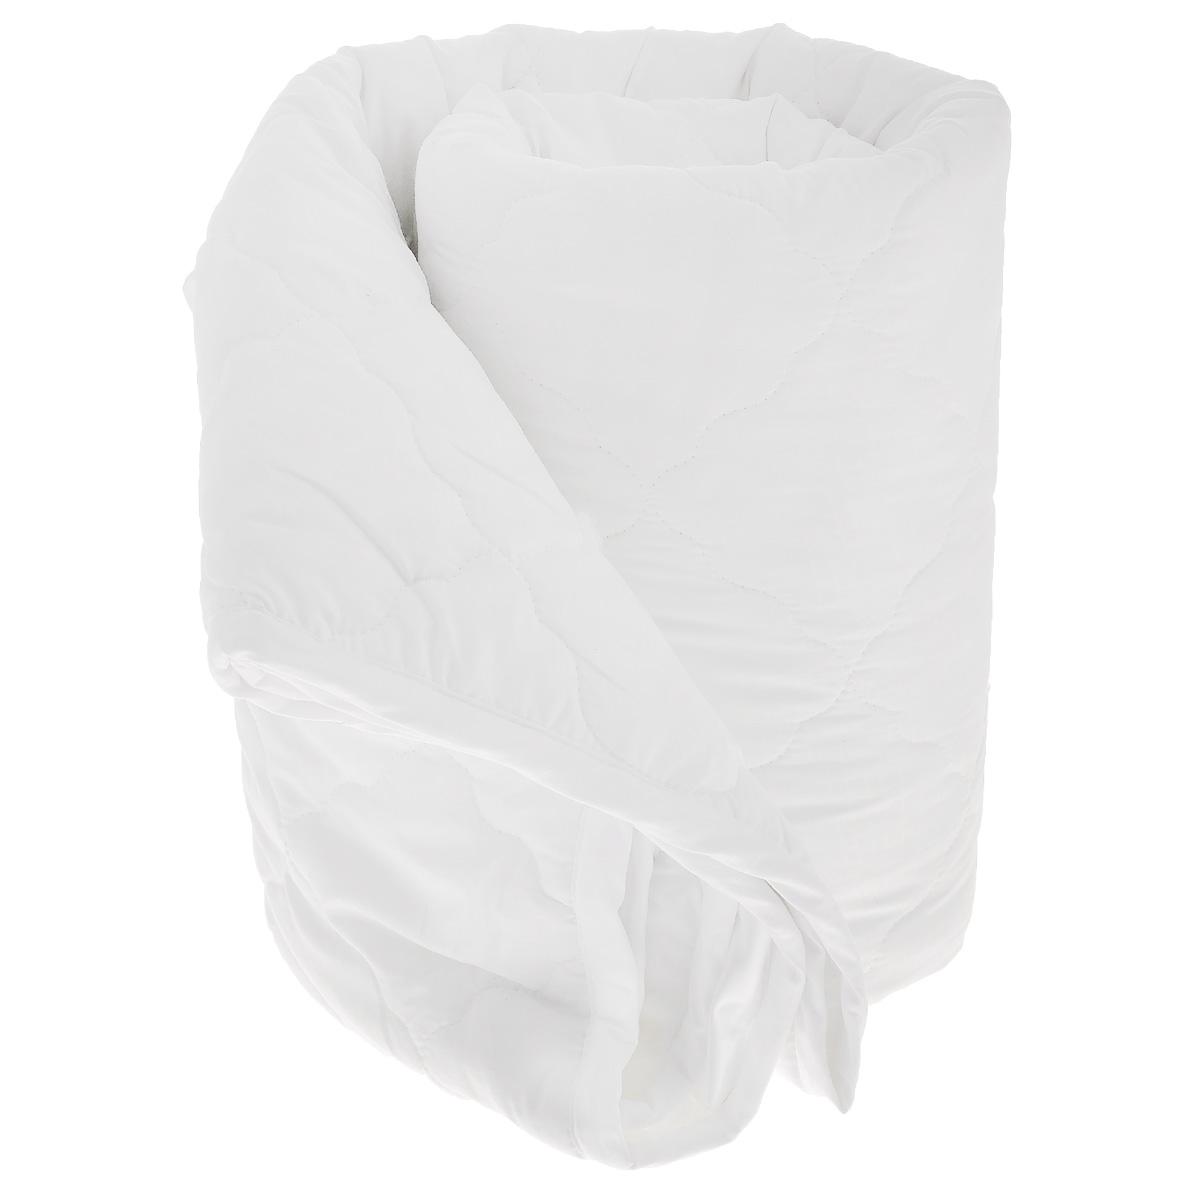 Одеяло La Prima В нежности микрофибры, наполнитель: полиэфирное волокно, цвет: белый, 200 х 220 см531-401Одеяло La Prima В нежности микрофибры очень легкое, воздушное и одновременно теплое. Идеально подойдет тем, кто ценит мягкость и тепло. Такое изделие подарит комфортный сон. Благодаря особой структуре микроволокна, изделие приобретают дополнительную мягкость и надолго сохраняют свой первоначальный вид. Чехол одеяла выполнен из шелковистой микрофибры, оформленной изящным фактурным теснением под кожу рептилий. Наполнитель - полиэфирное волокно - холлотек. Изделие обладает высокой воздухопроницаемостью, прекрасно сохраняет тепло. Оно гипоаллергенно и очень практично и неприхотливо в уходе. Ручная стирка при температуре 30°С. Материал чехла: 100% полиэстер - микрофибра.Наполнитель: полиэфирное волокно - холлотек.